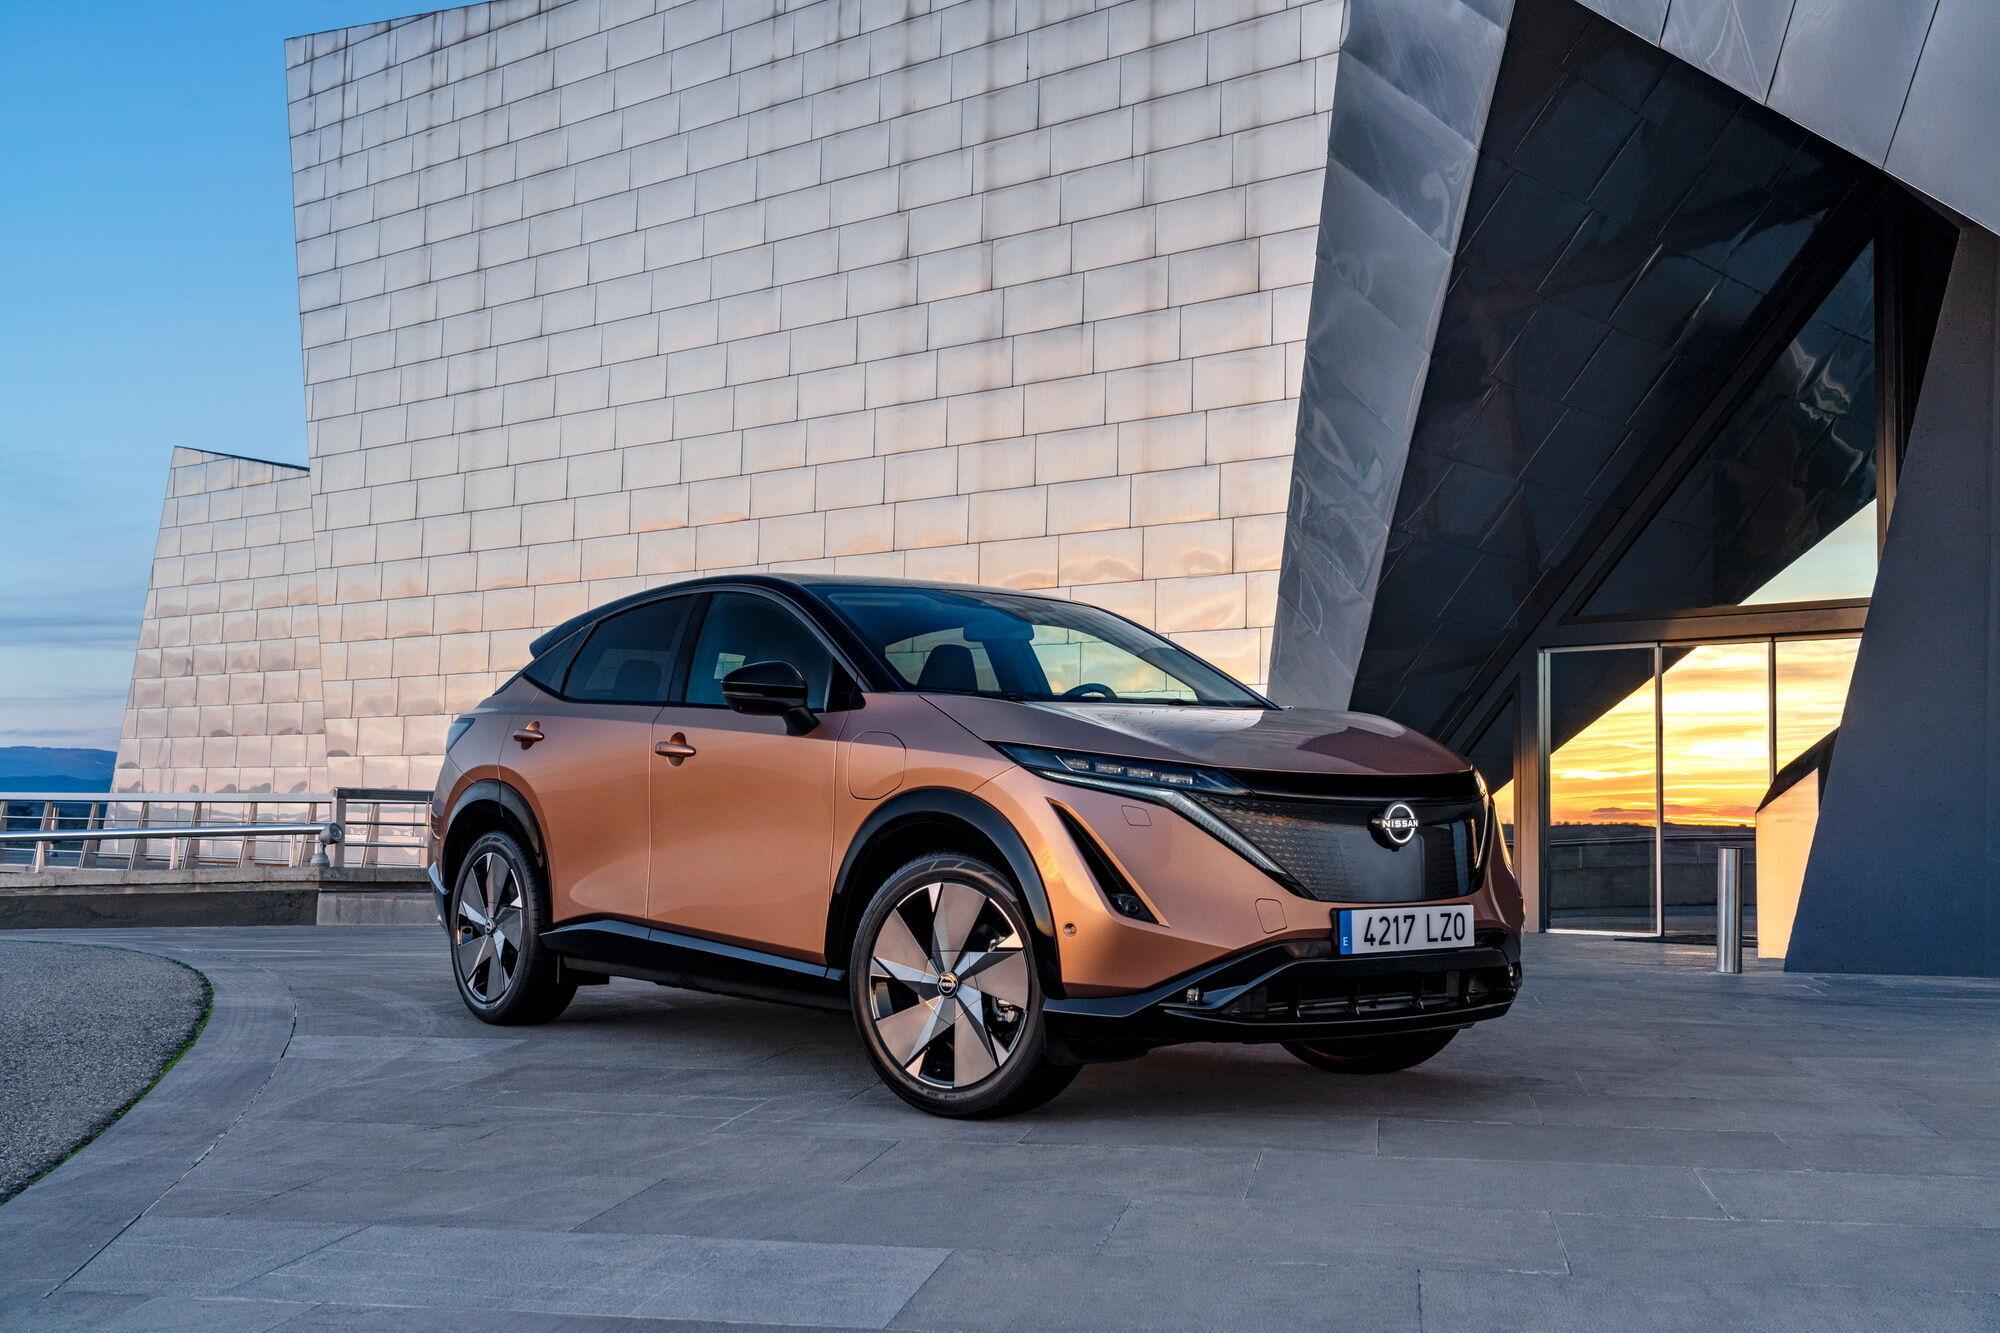 Nissan Ariya совсем скоро появится в европейских шоу-румах